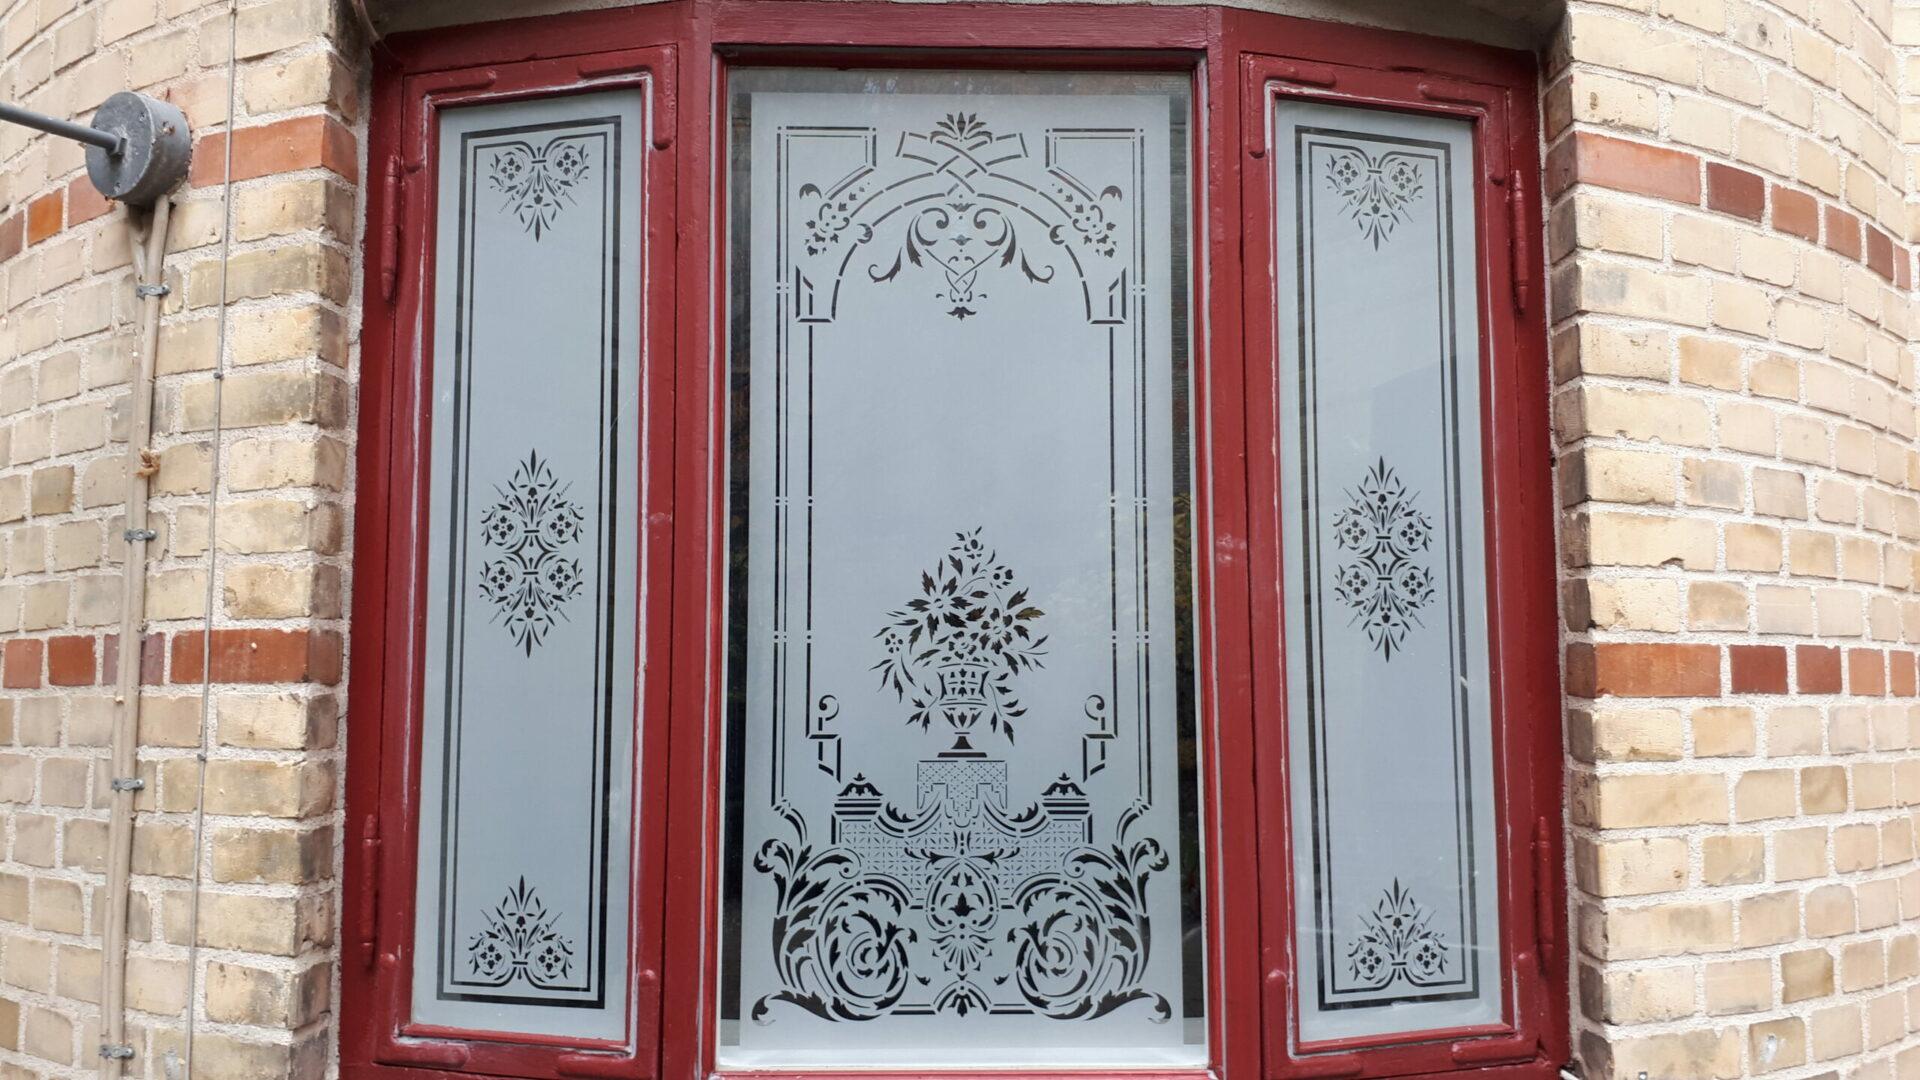 Sandblæsning på glas giver mange muligheder for dekoration